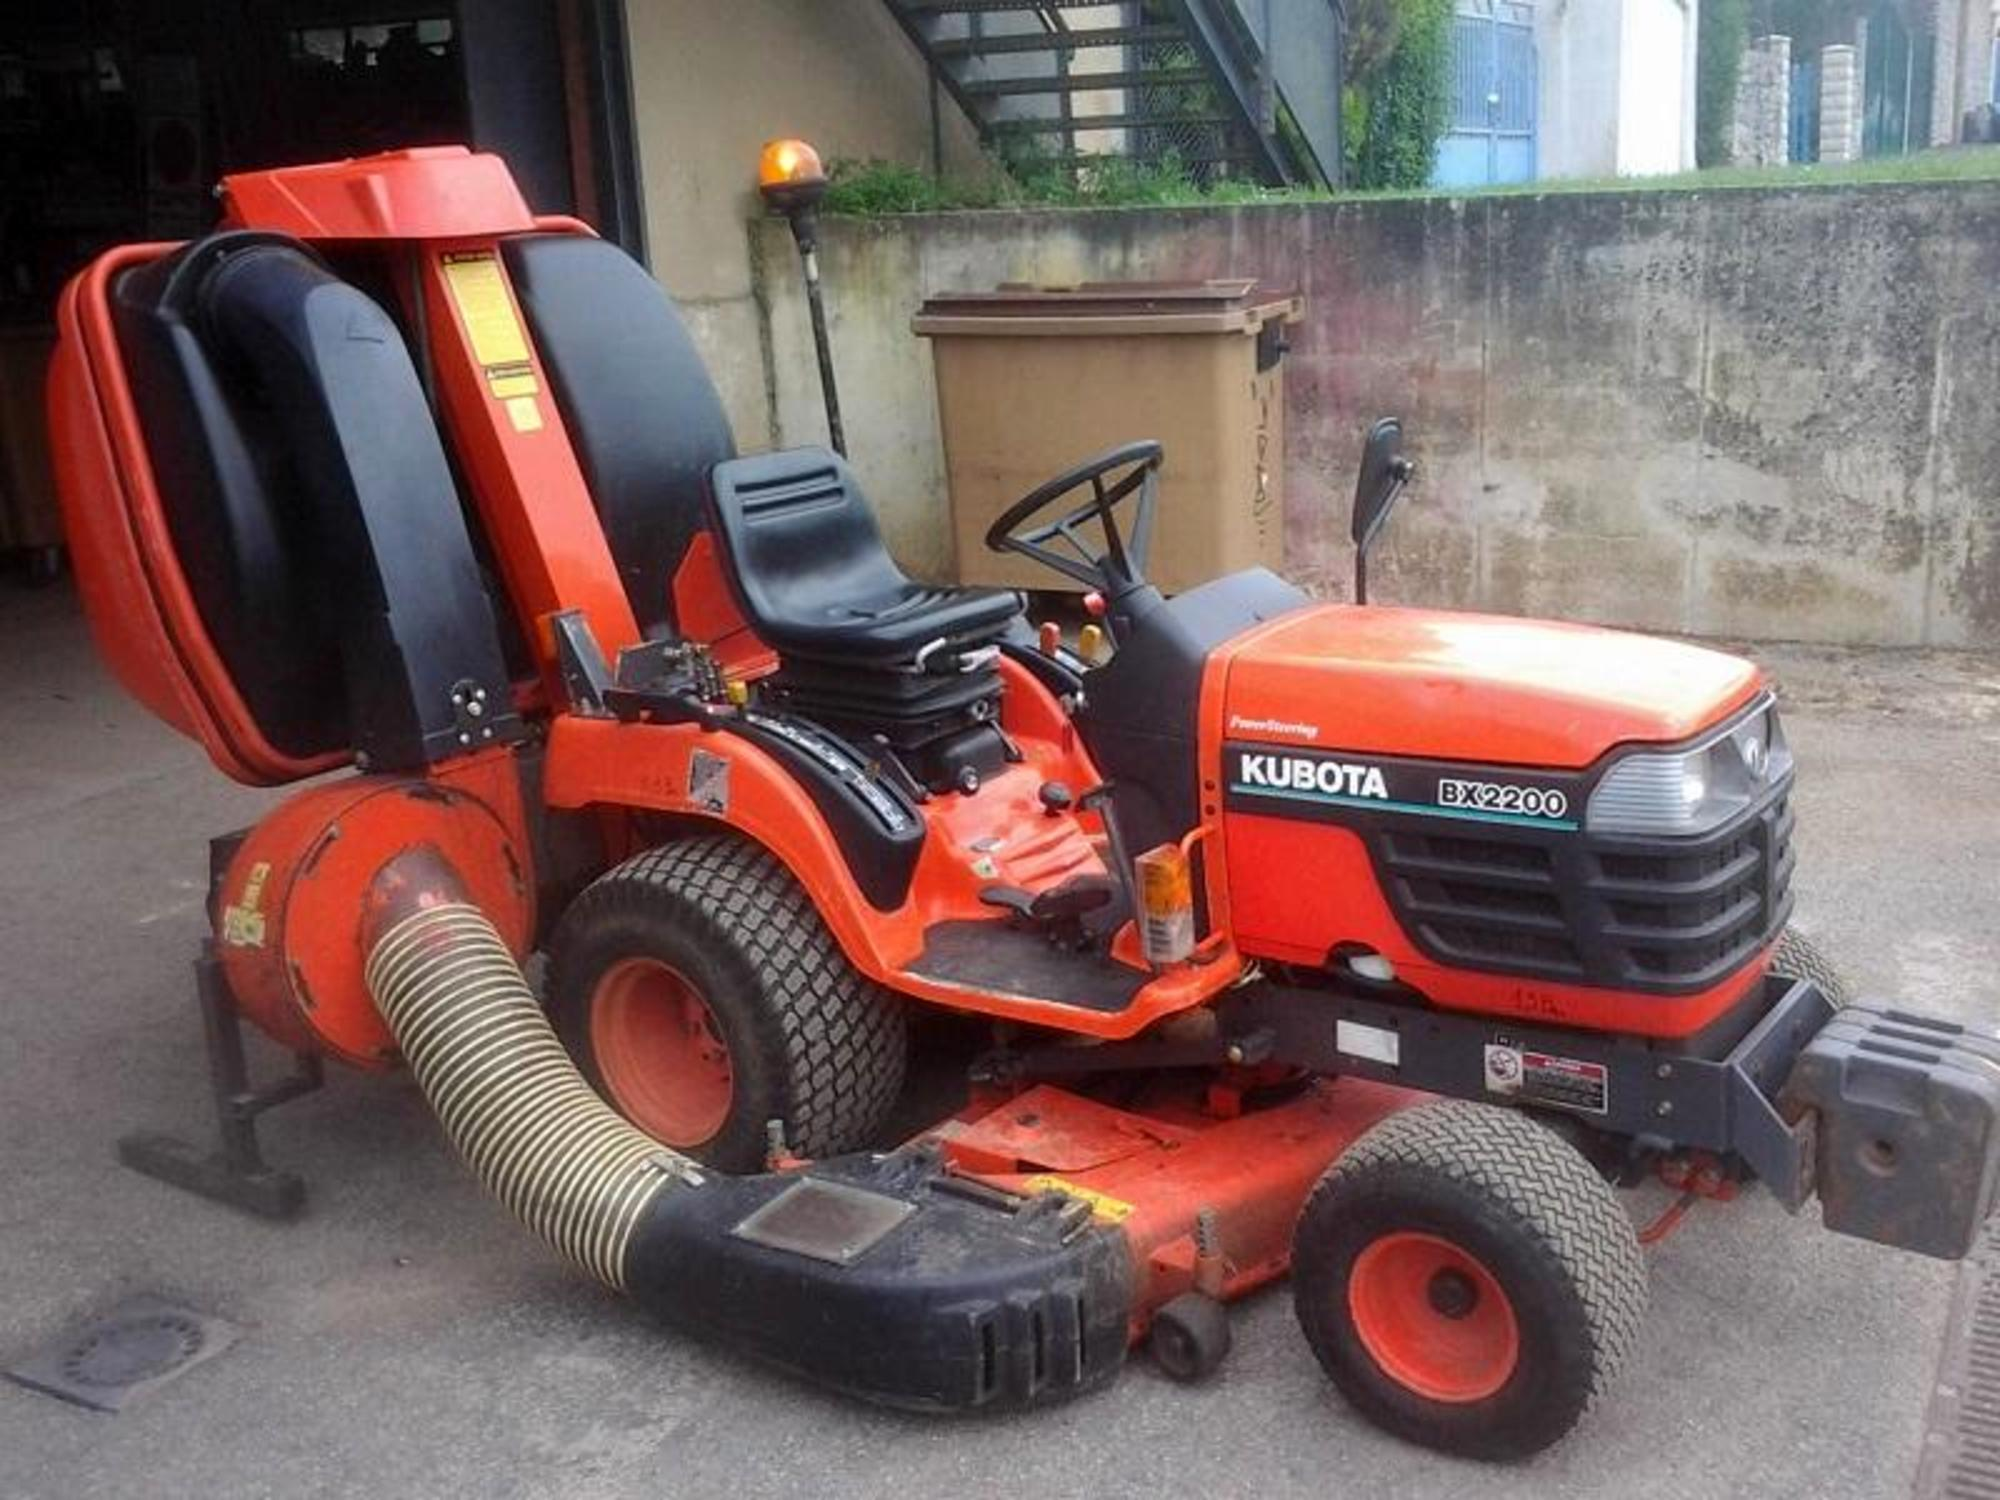 Tracteur tondeuse bx 2200 e tondeuse d 39 occasion aux - Tracteur tondeuse coupe frontale d occasion ...